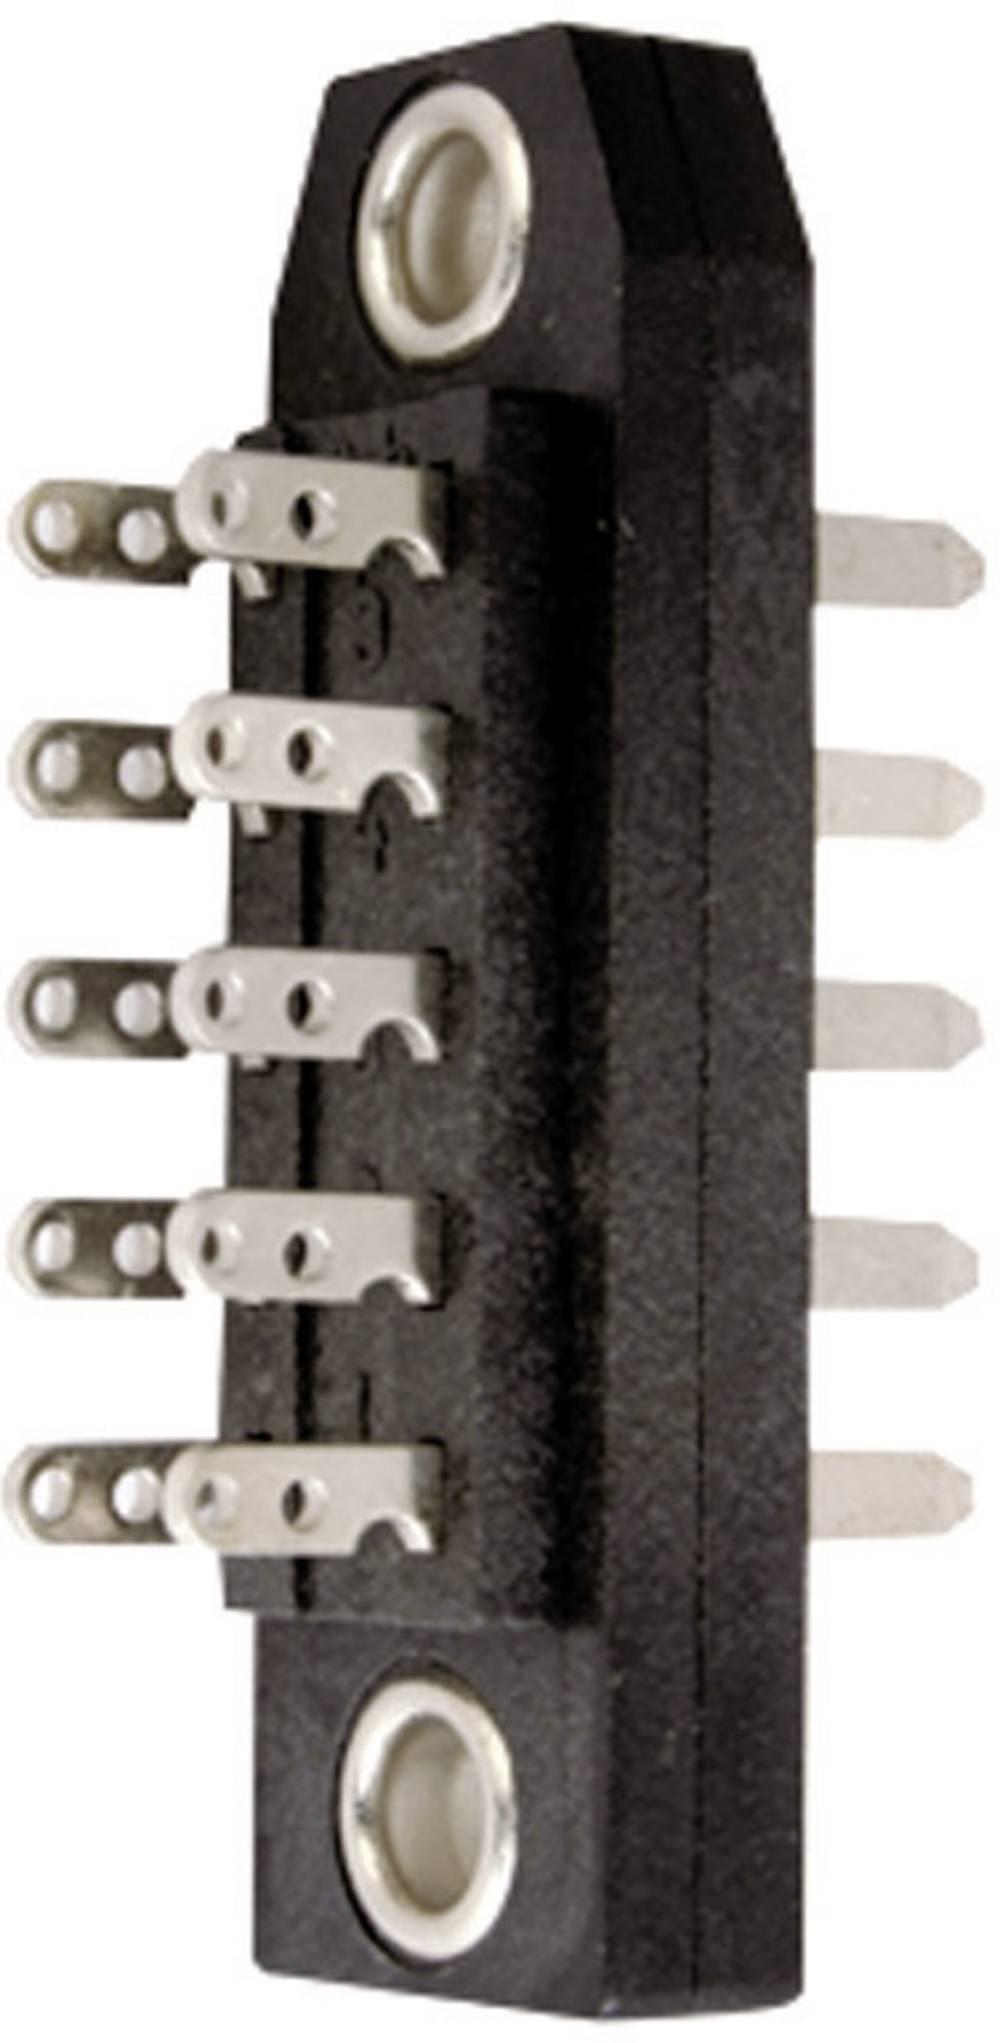 Hankonnektor J00046A0908 Samlet poltal 39 Antal rækker 3 Telegärtner 1 stk